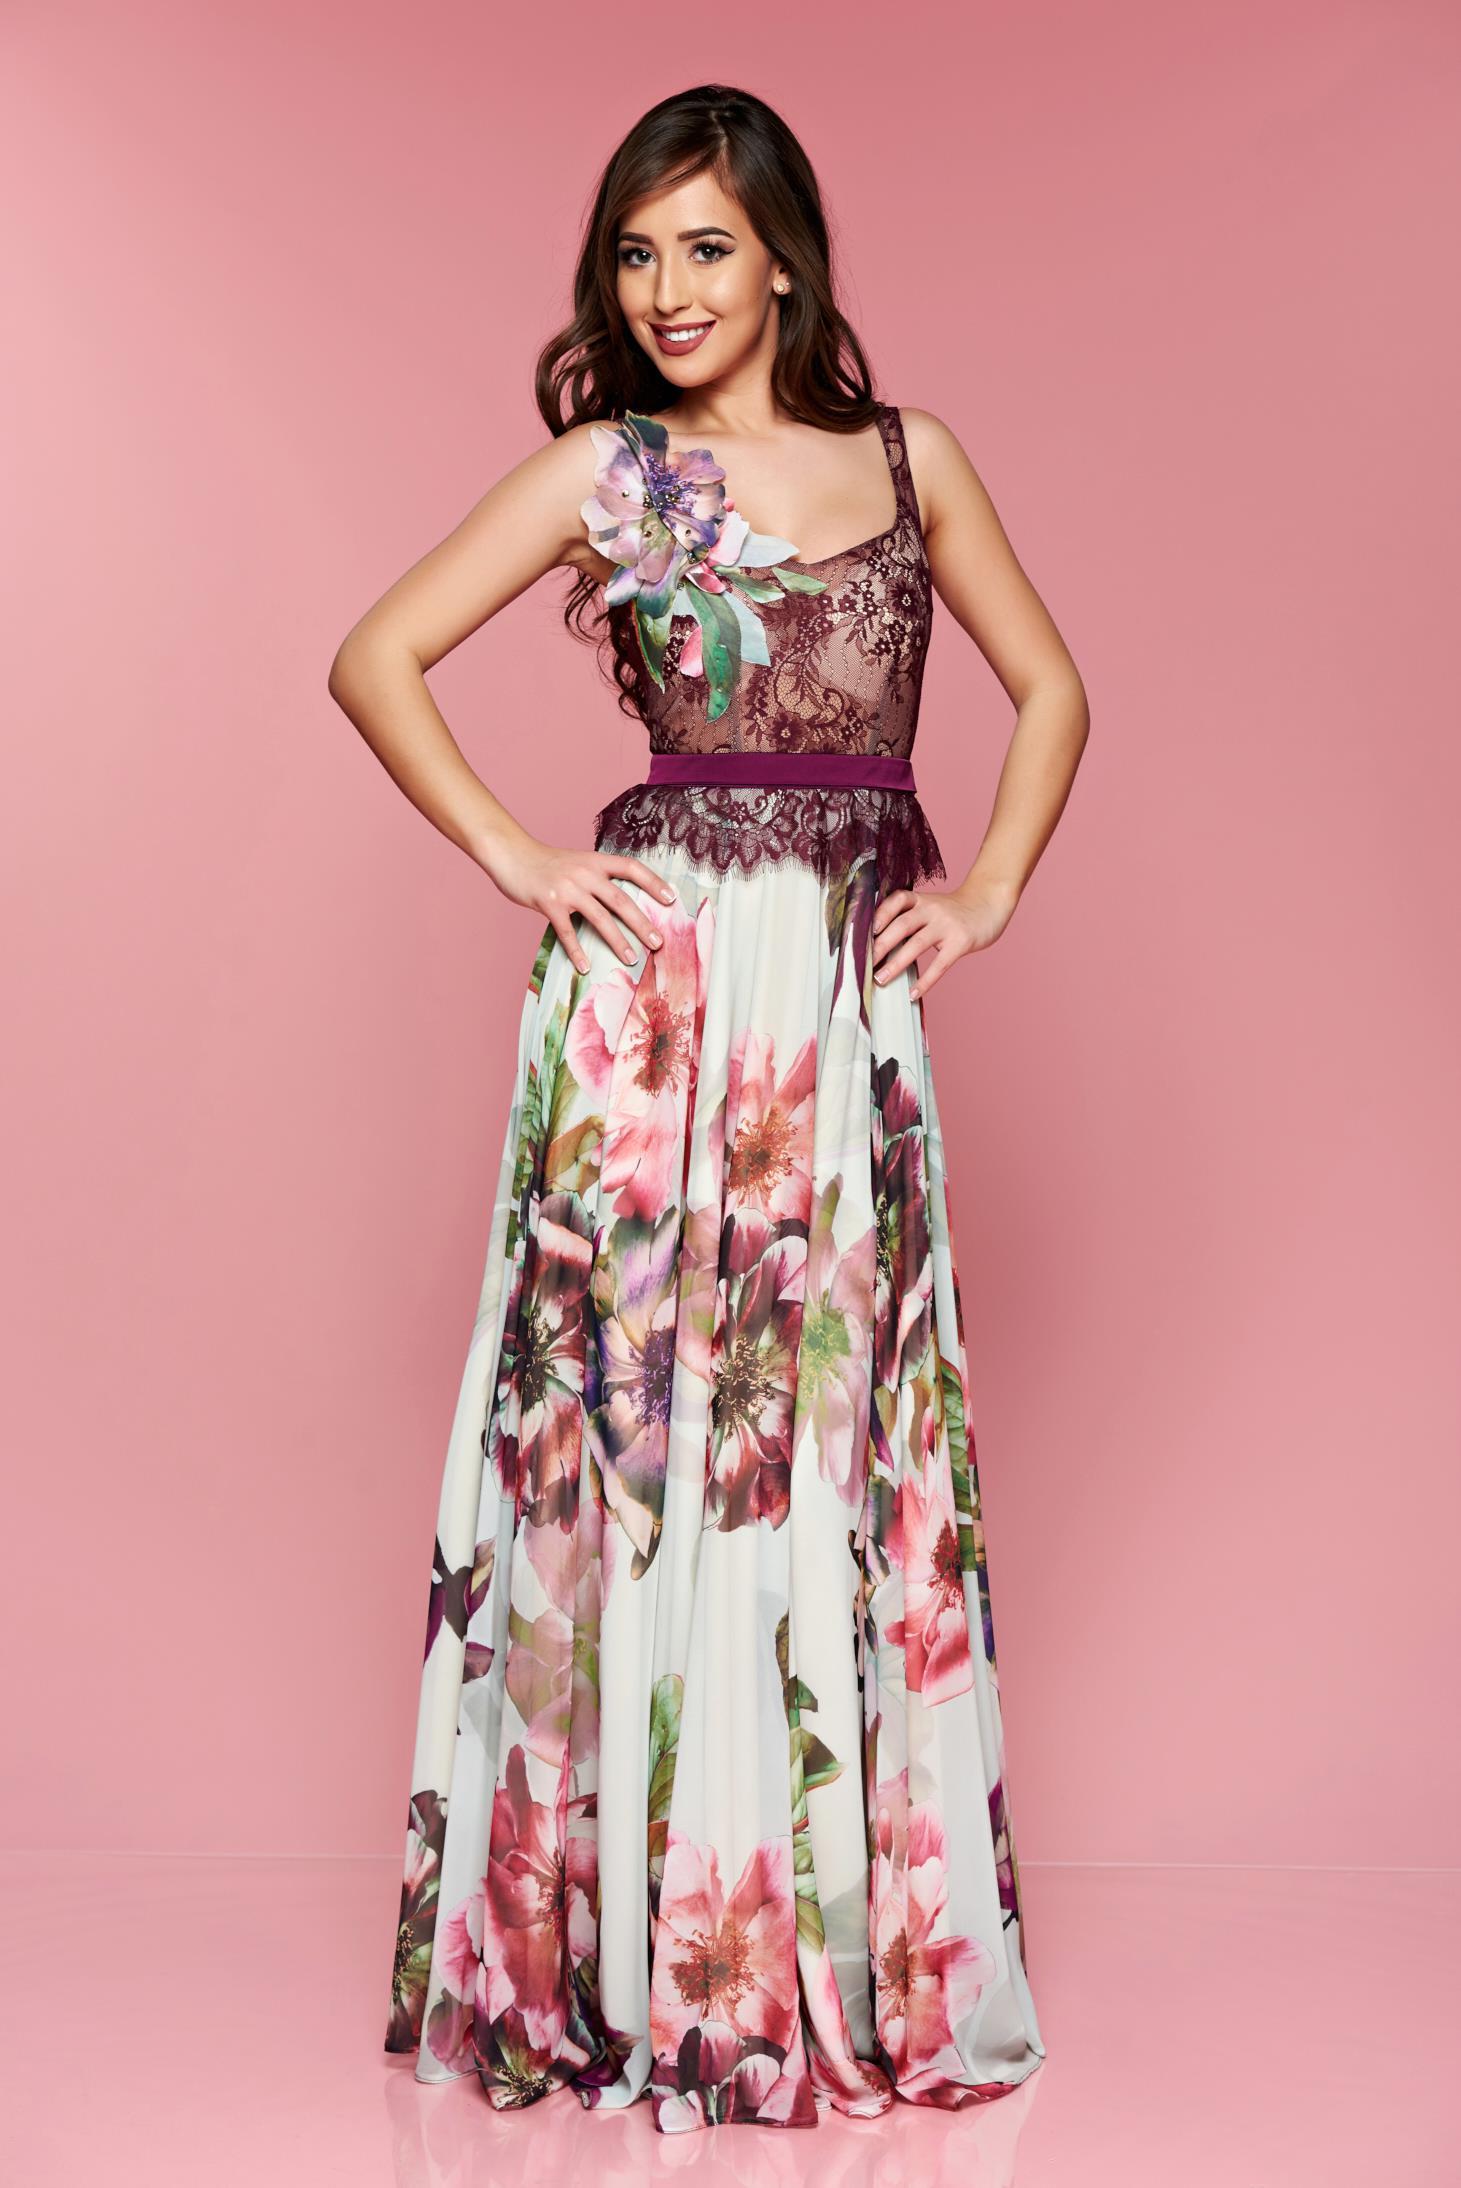 a3673aa743 Lila LaDonna virágmintás alkalmi ruha hosszú csipkés anyagból